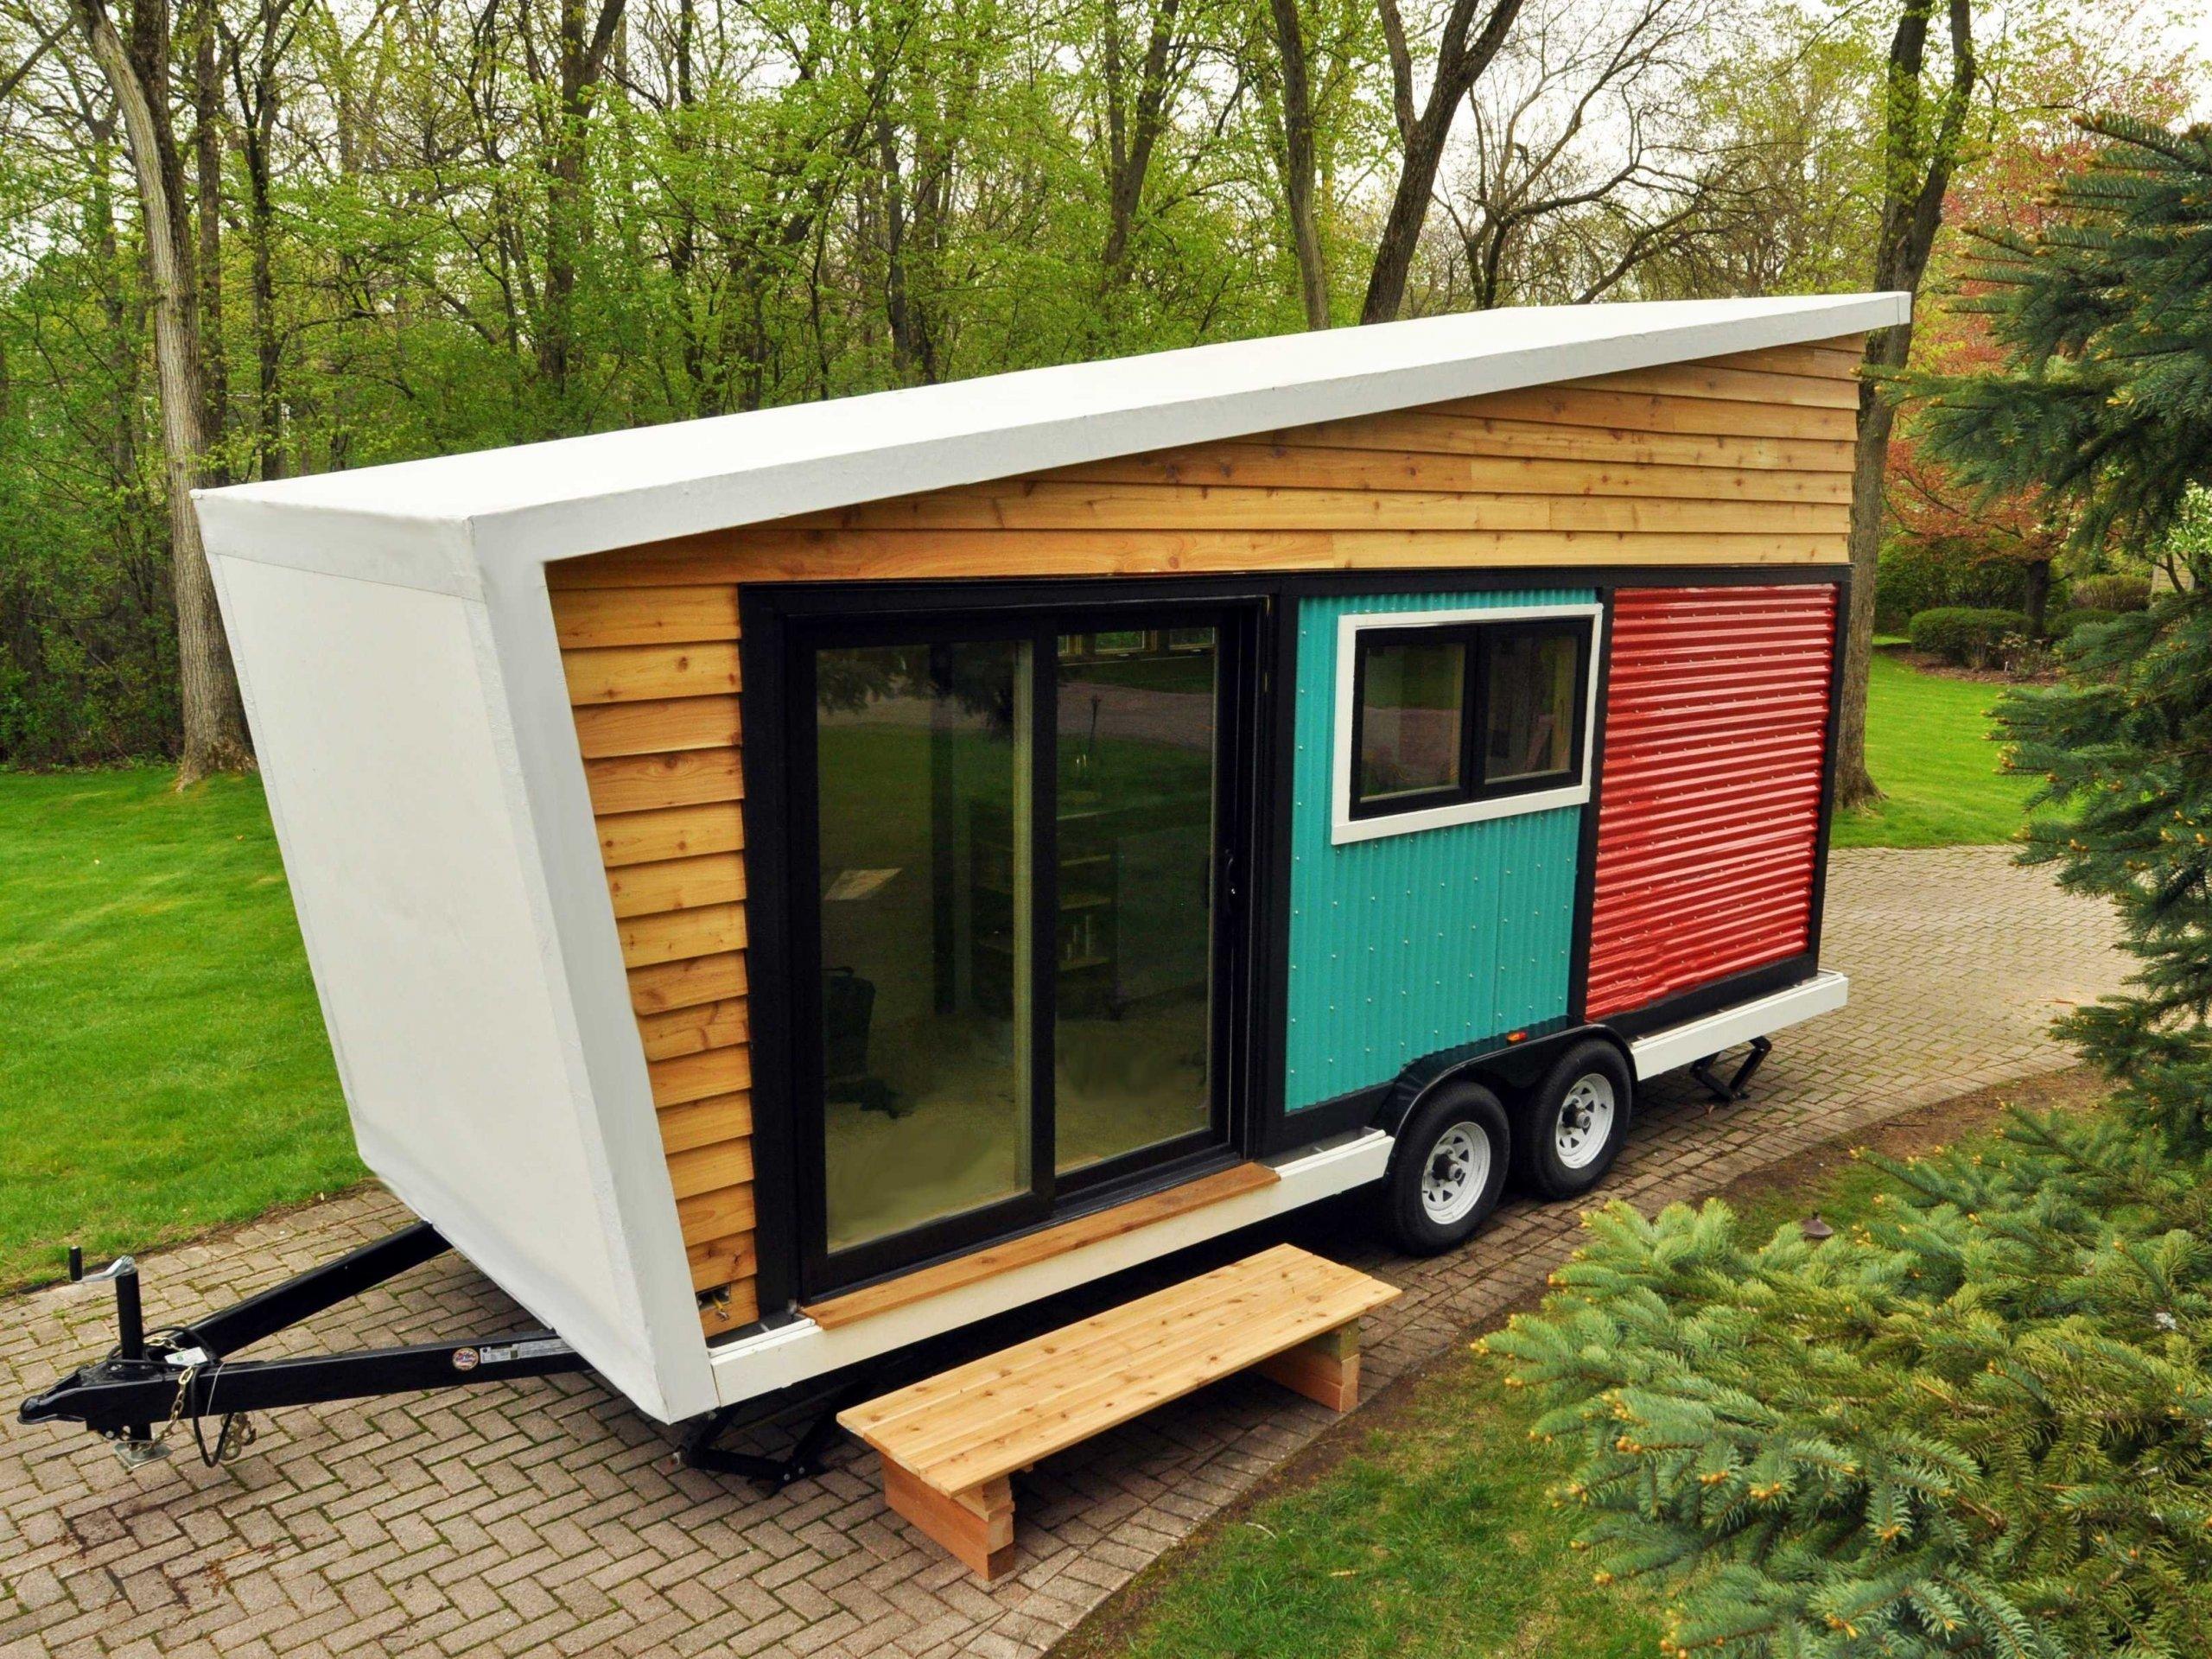 Bydlení bez hypotéky - tipy na alternativní domy